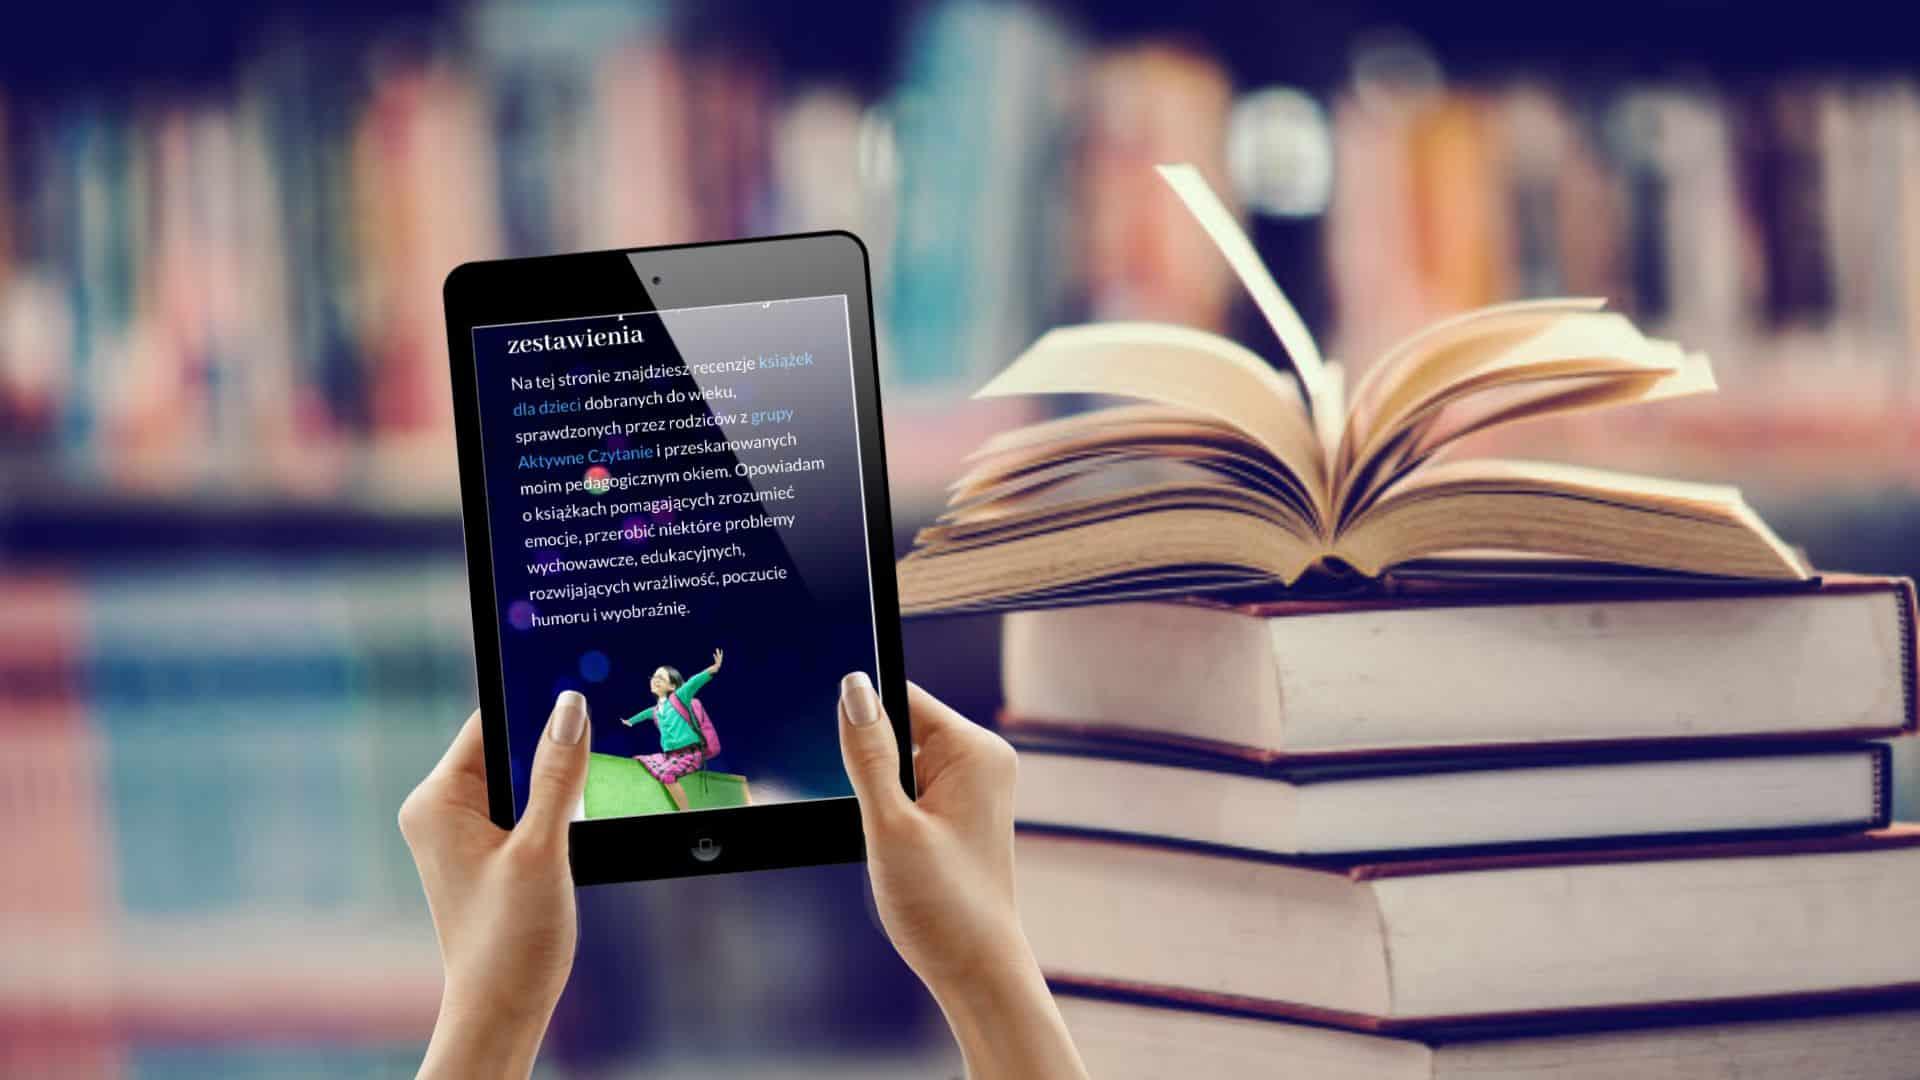 Aktywne Czytanie współpraca